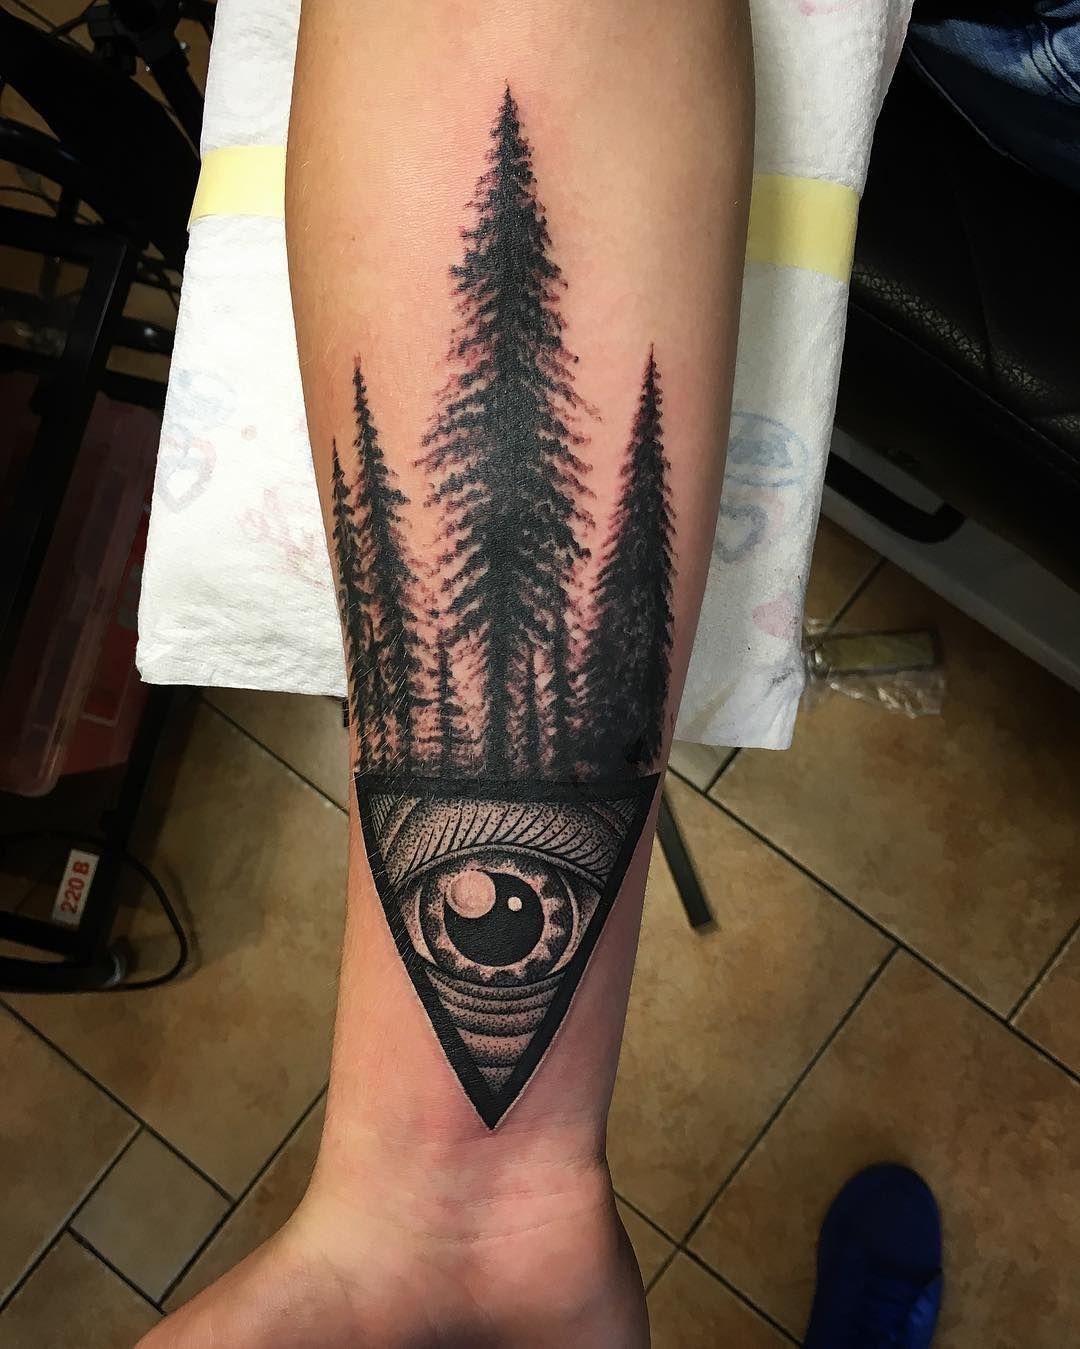 3d eye tattoo by livemaxtattoo